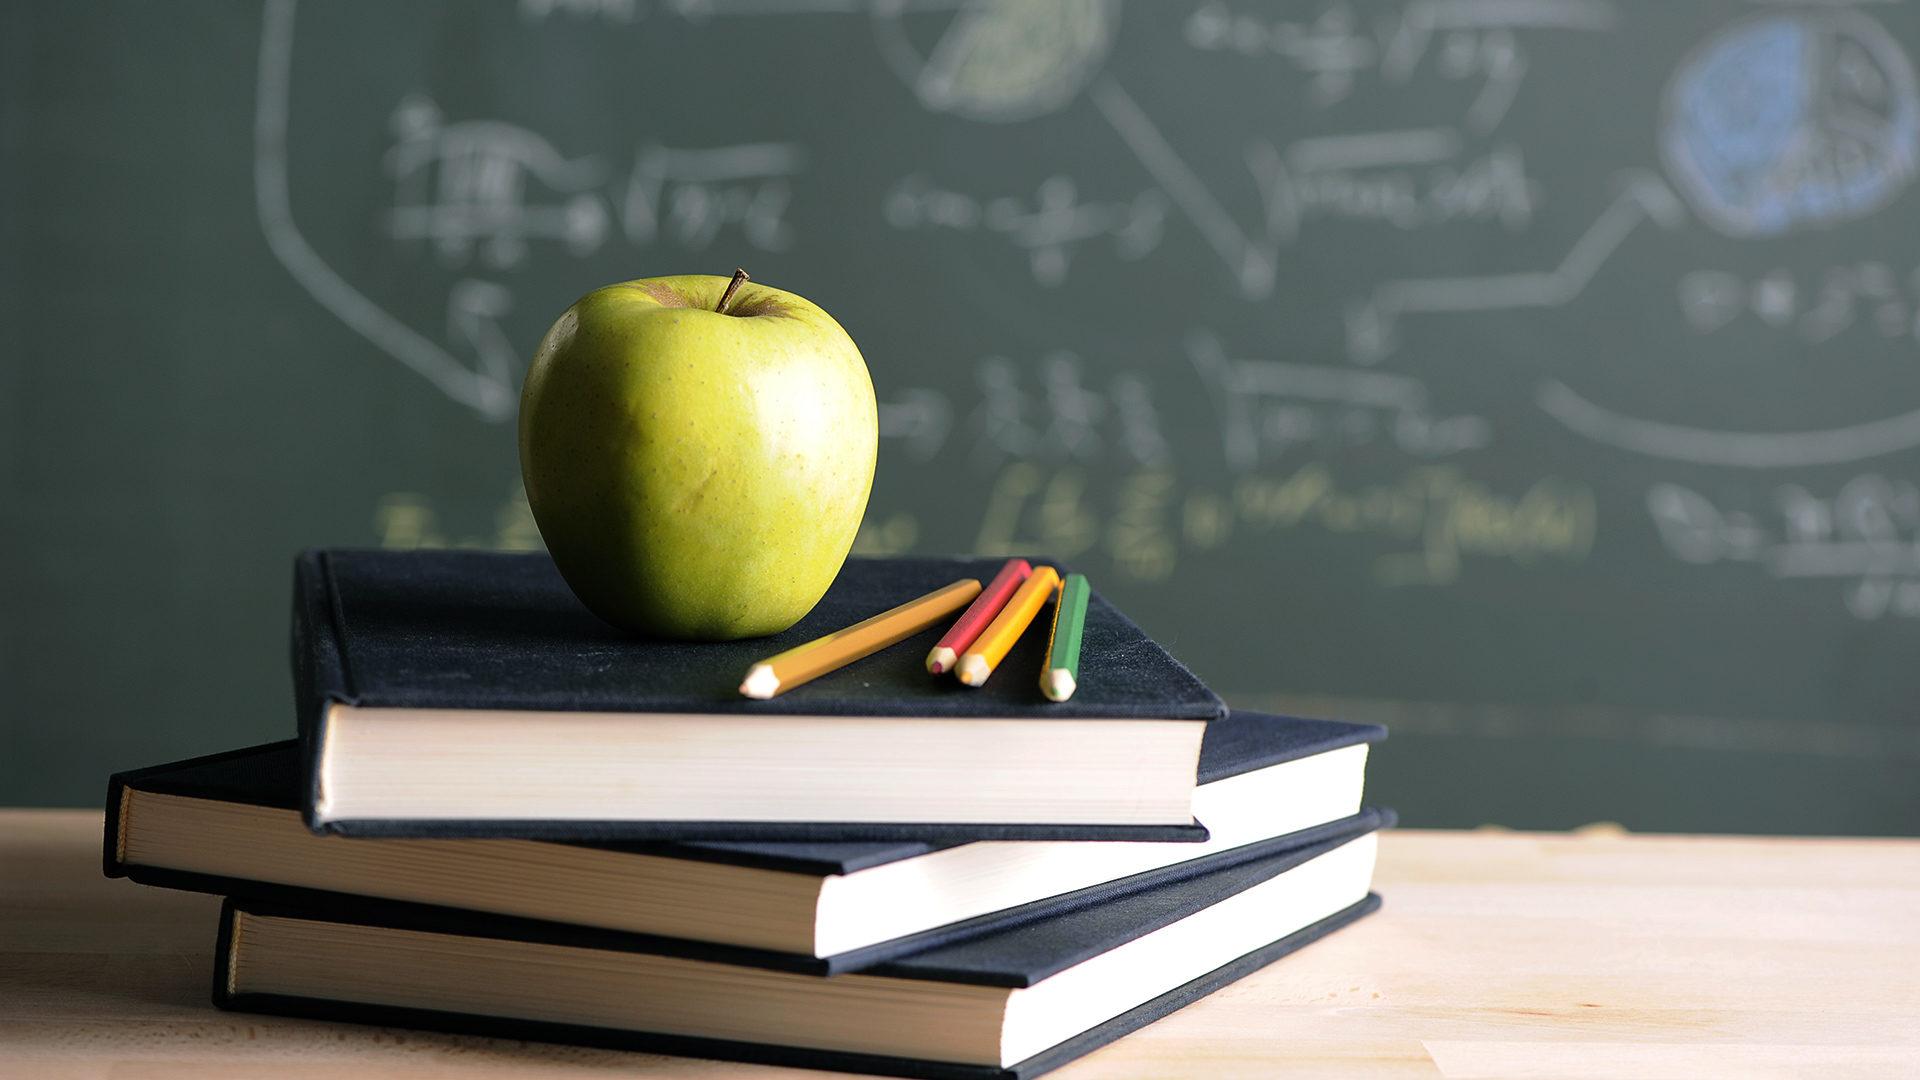 Мэр об организации учебного процесса в школах: денег катастрофически не хватает